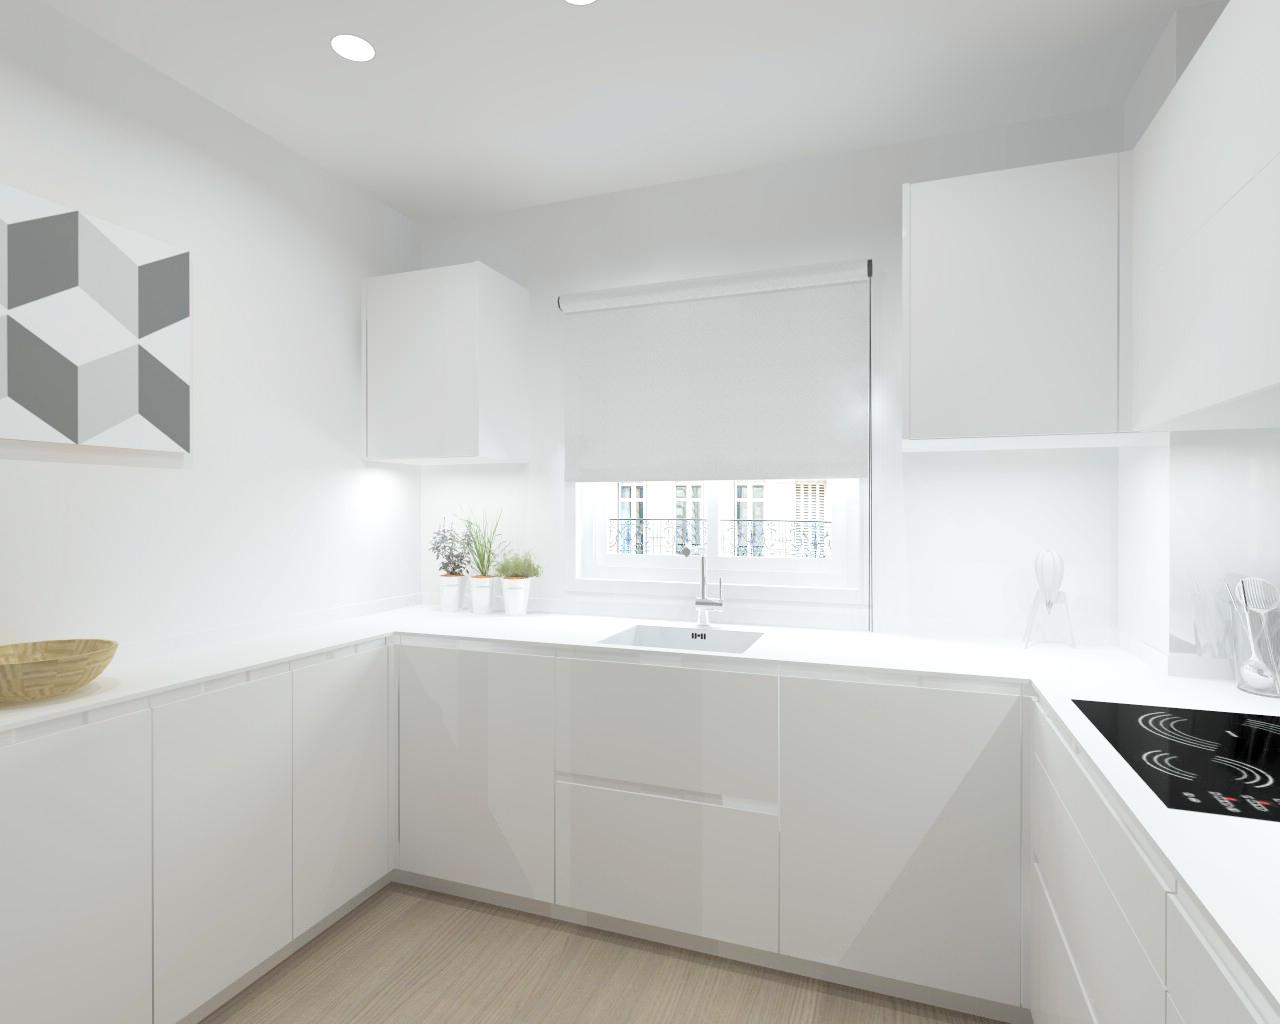 Cocina intra en un espacio nico estudio cocinas dc for Cocina salon espacio abierto